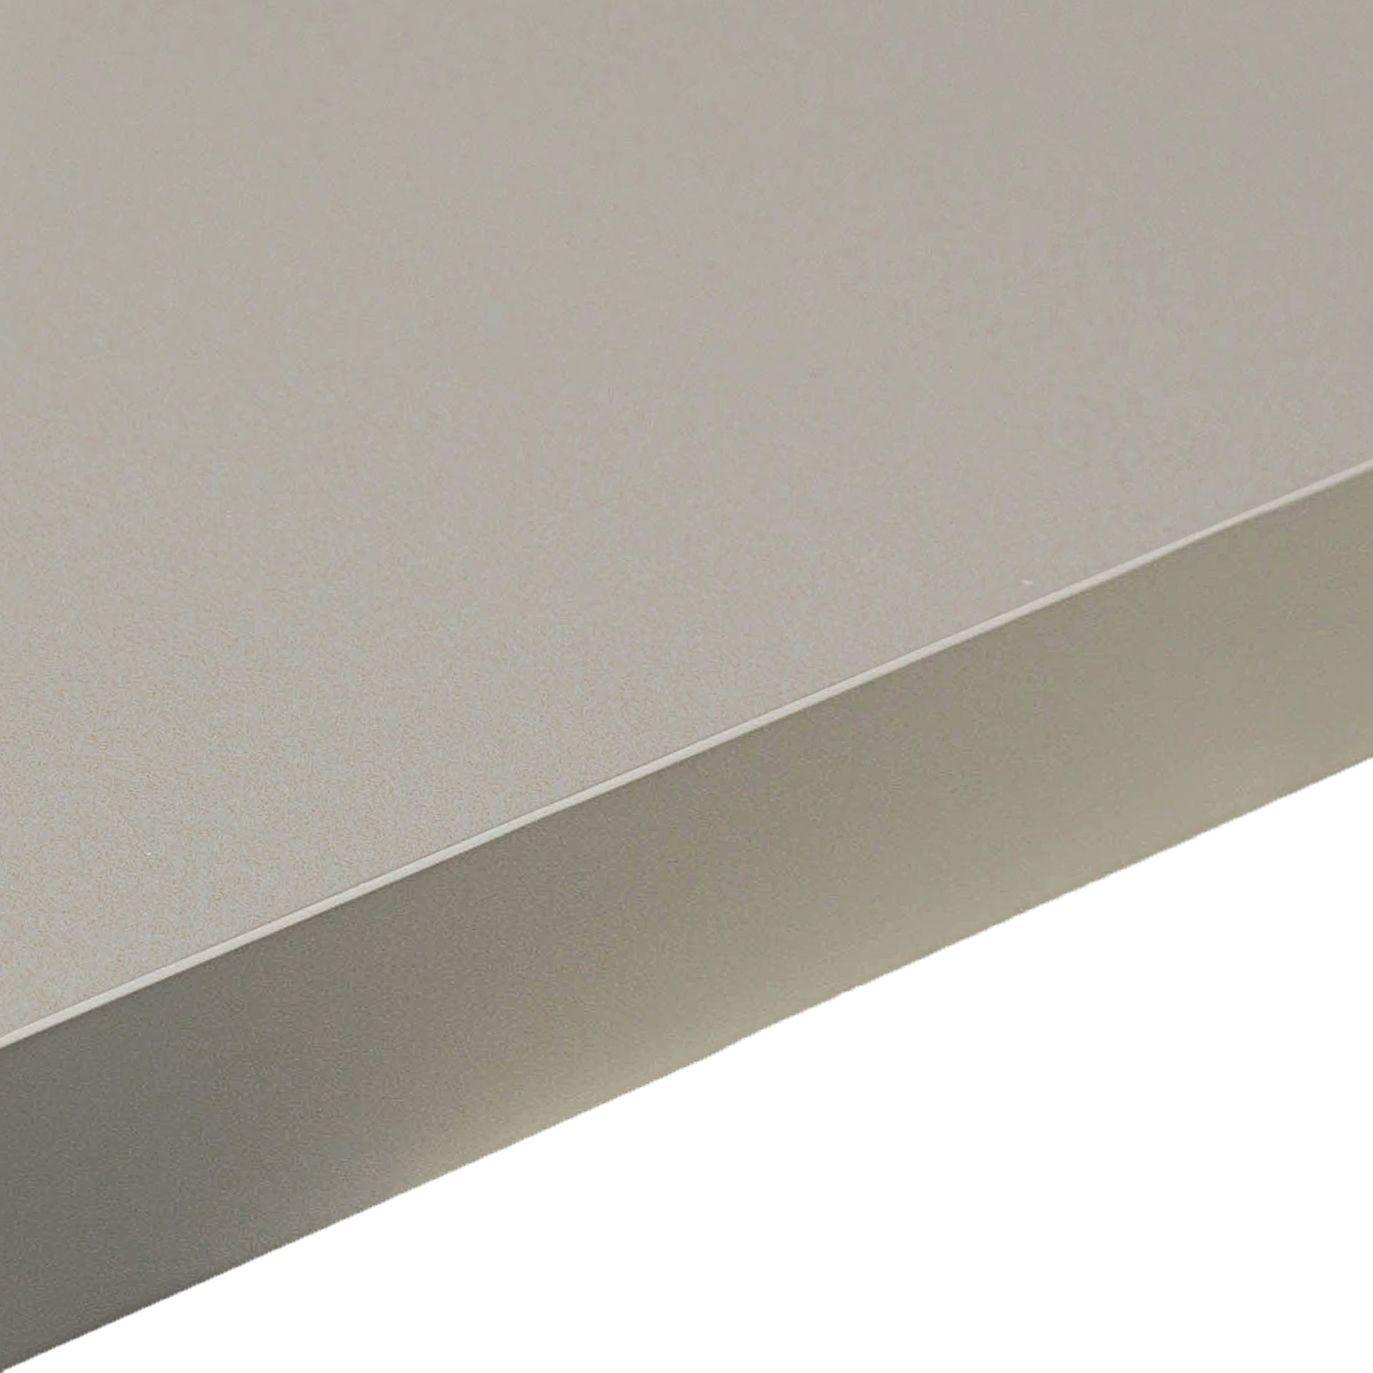 38mm Edurus Titan Grey Matt Square Edge Laminate Worktop